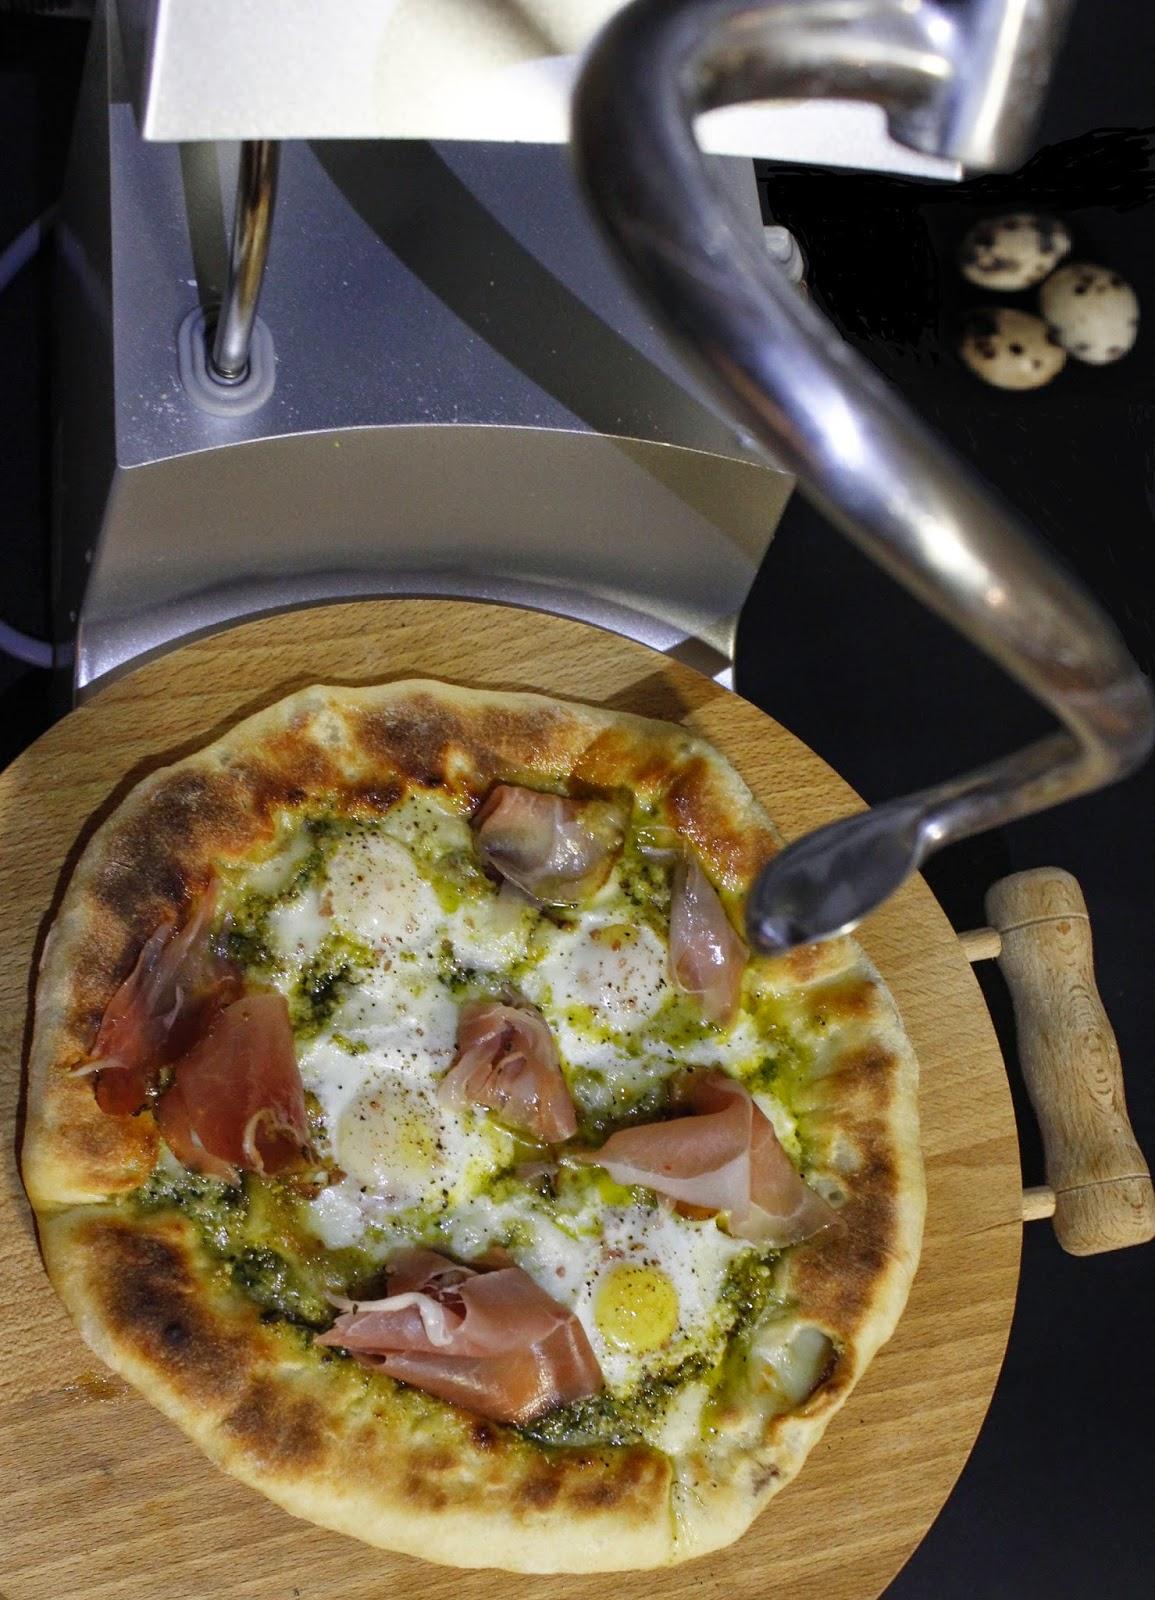 pizza a modo mio con cornicione ripieno